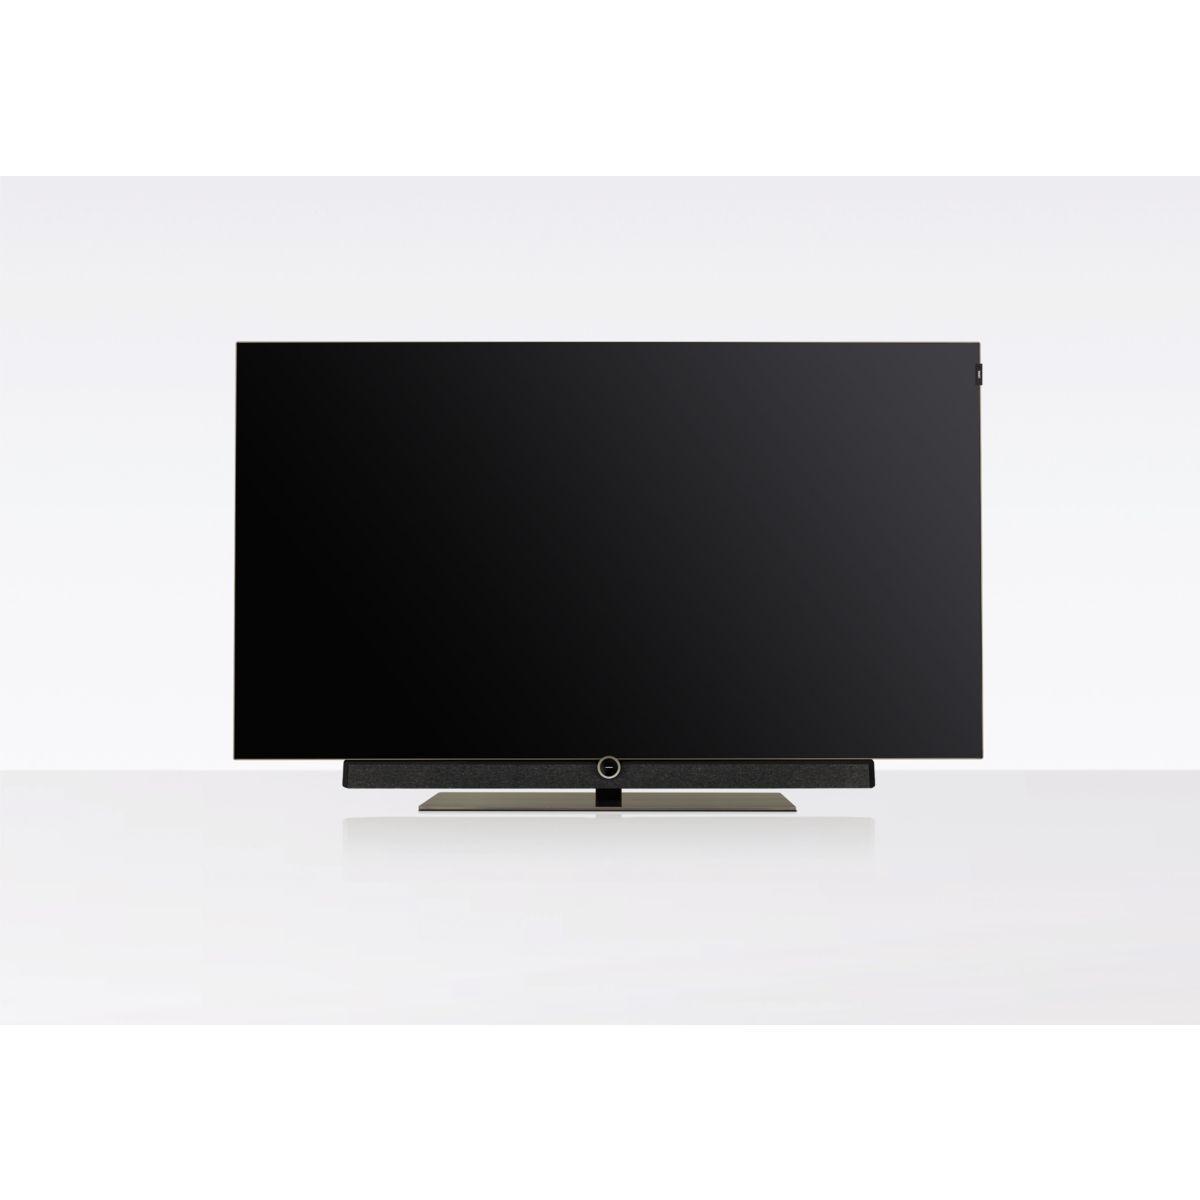 TV OLED LOEWE 65 BILD 5 OLED